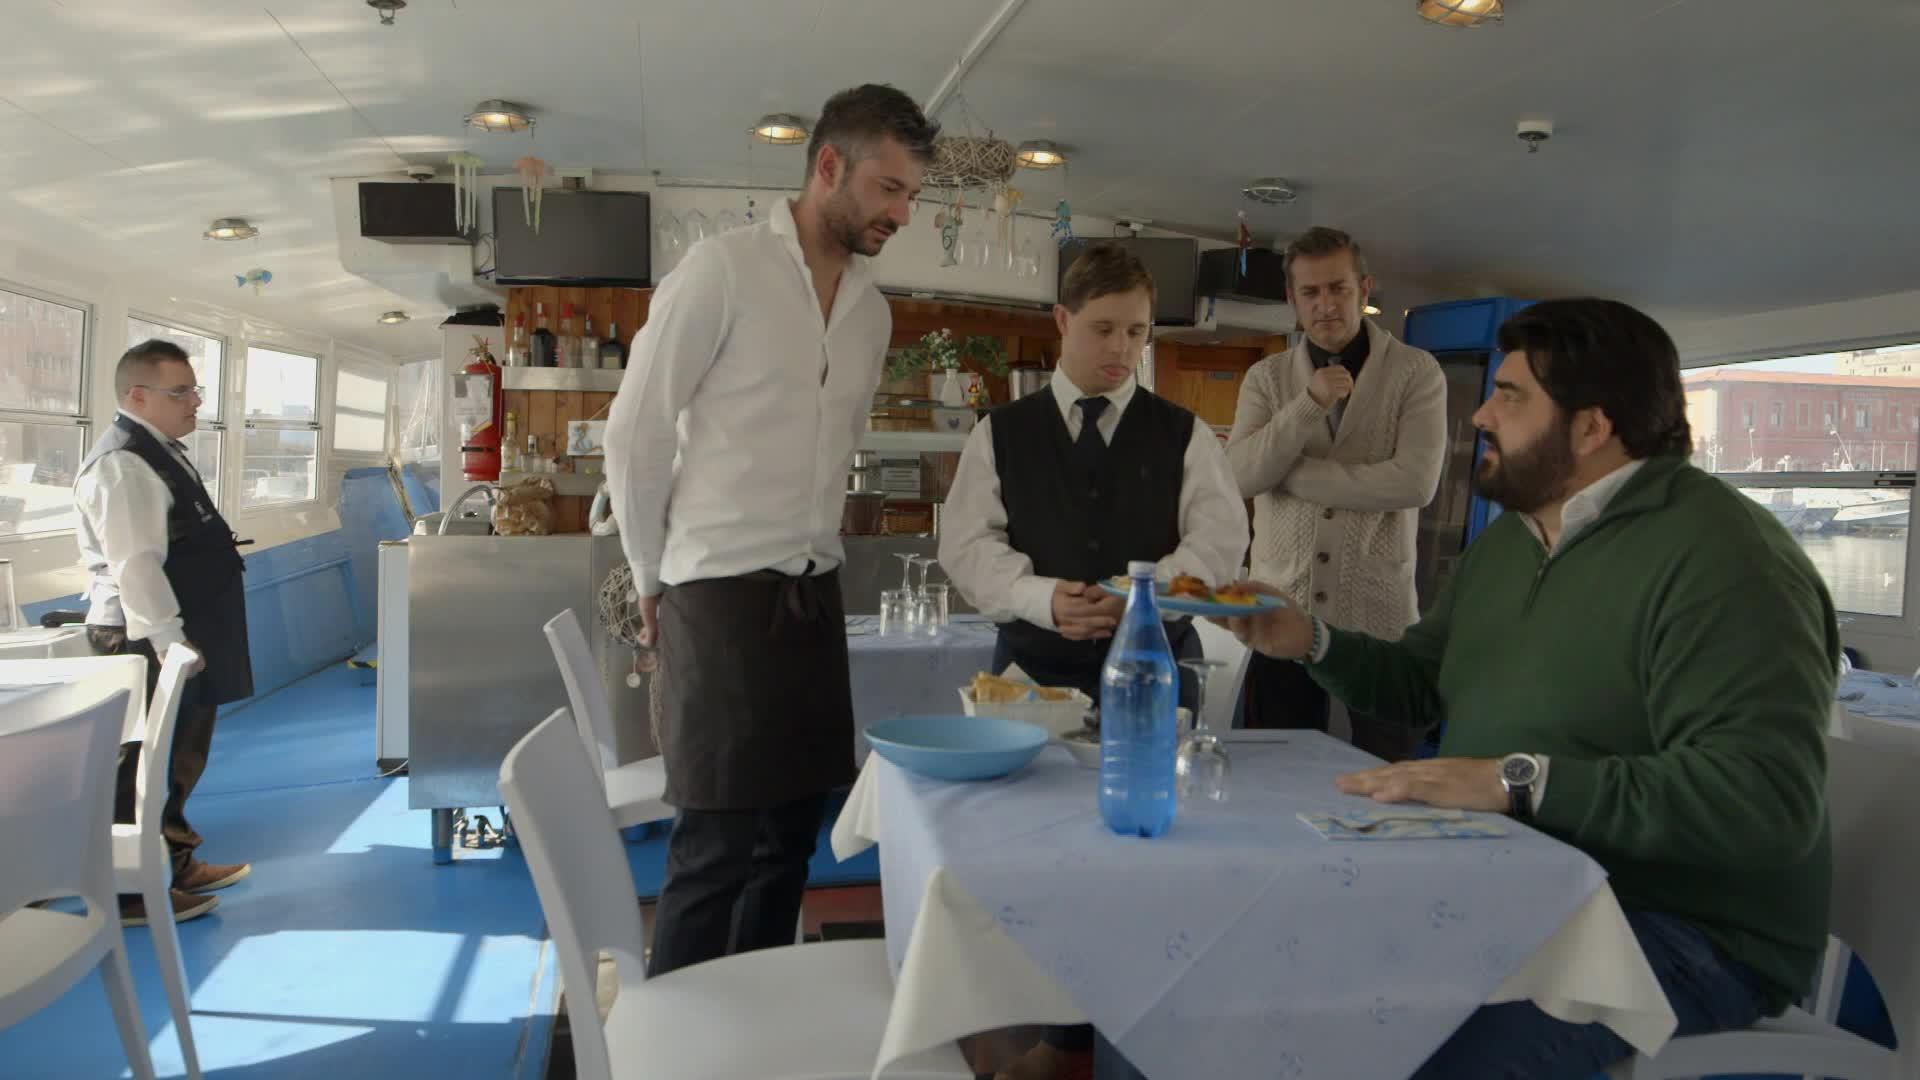 Cucine Da Incubo Italia Antonino Cannavacciuolo A Livorno Dplay